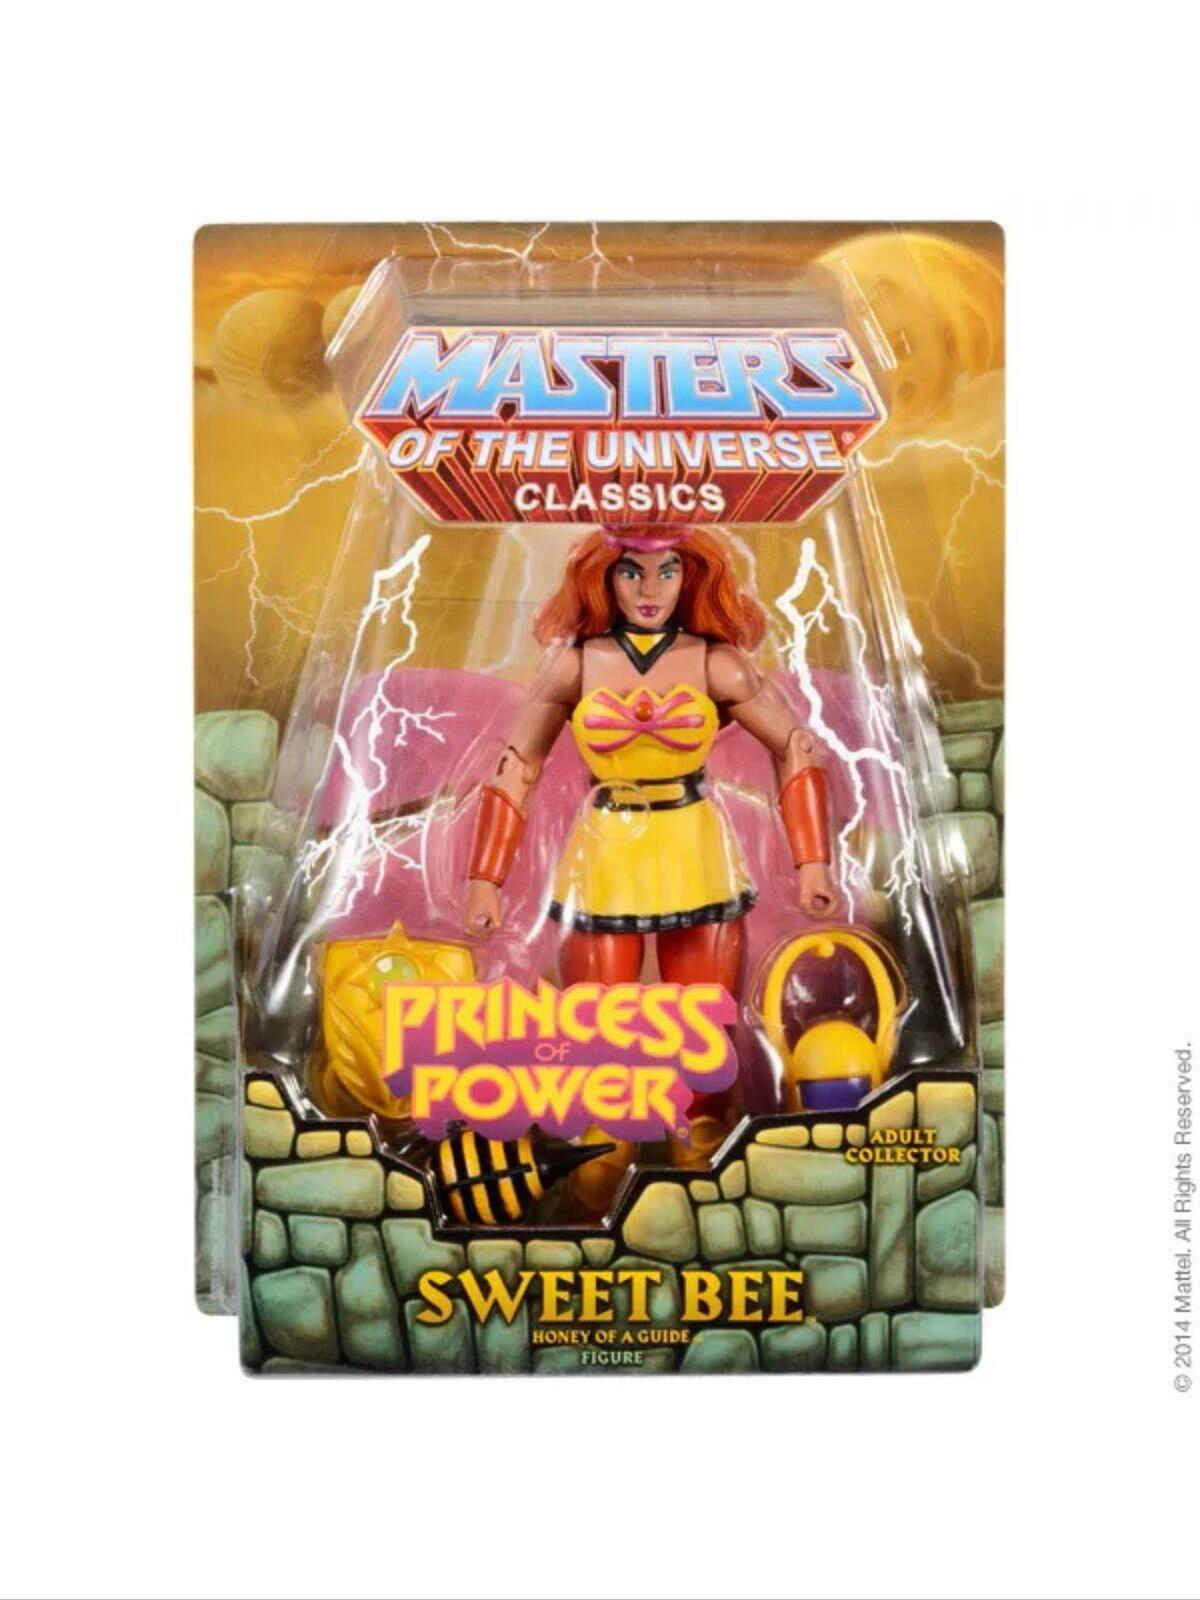 Masters of the Universe classeeics Motuc () - Sweet Bee   controlla il più economico